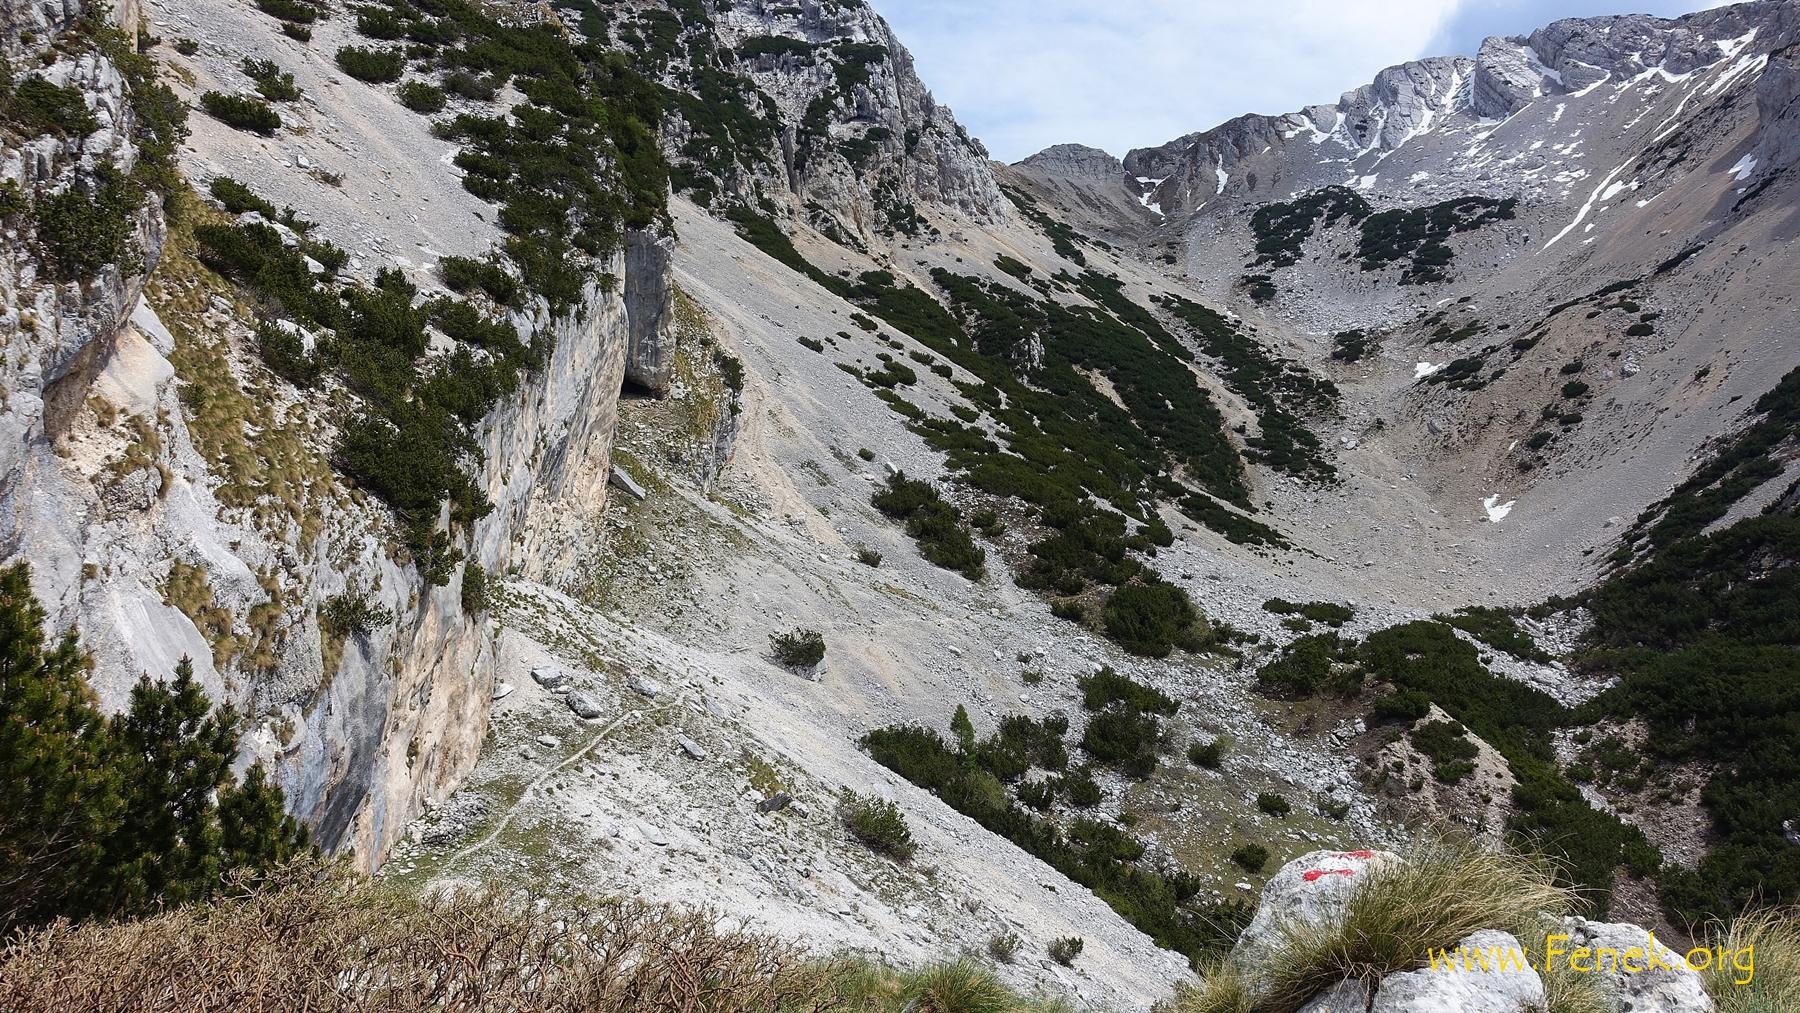 Blick zum Abstieg vom Passo Valdritta